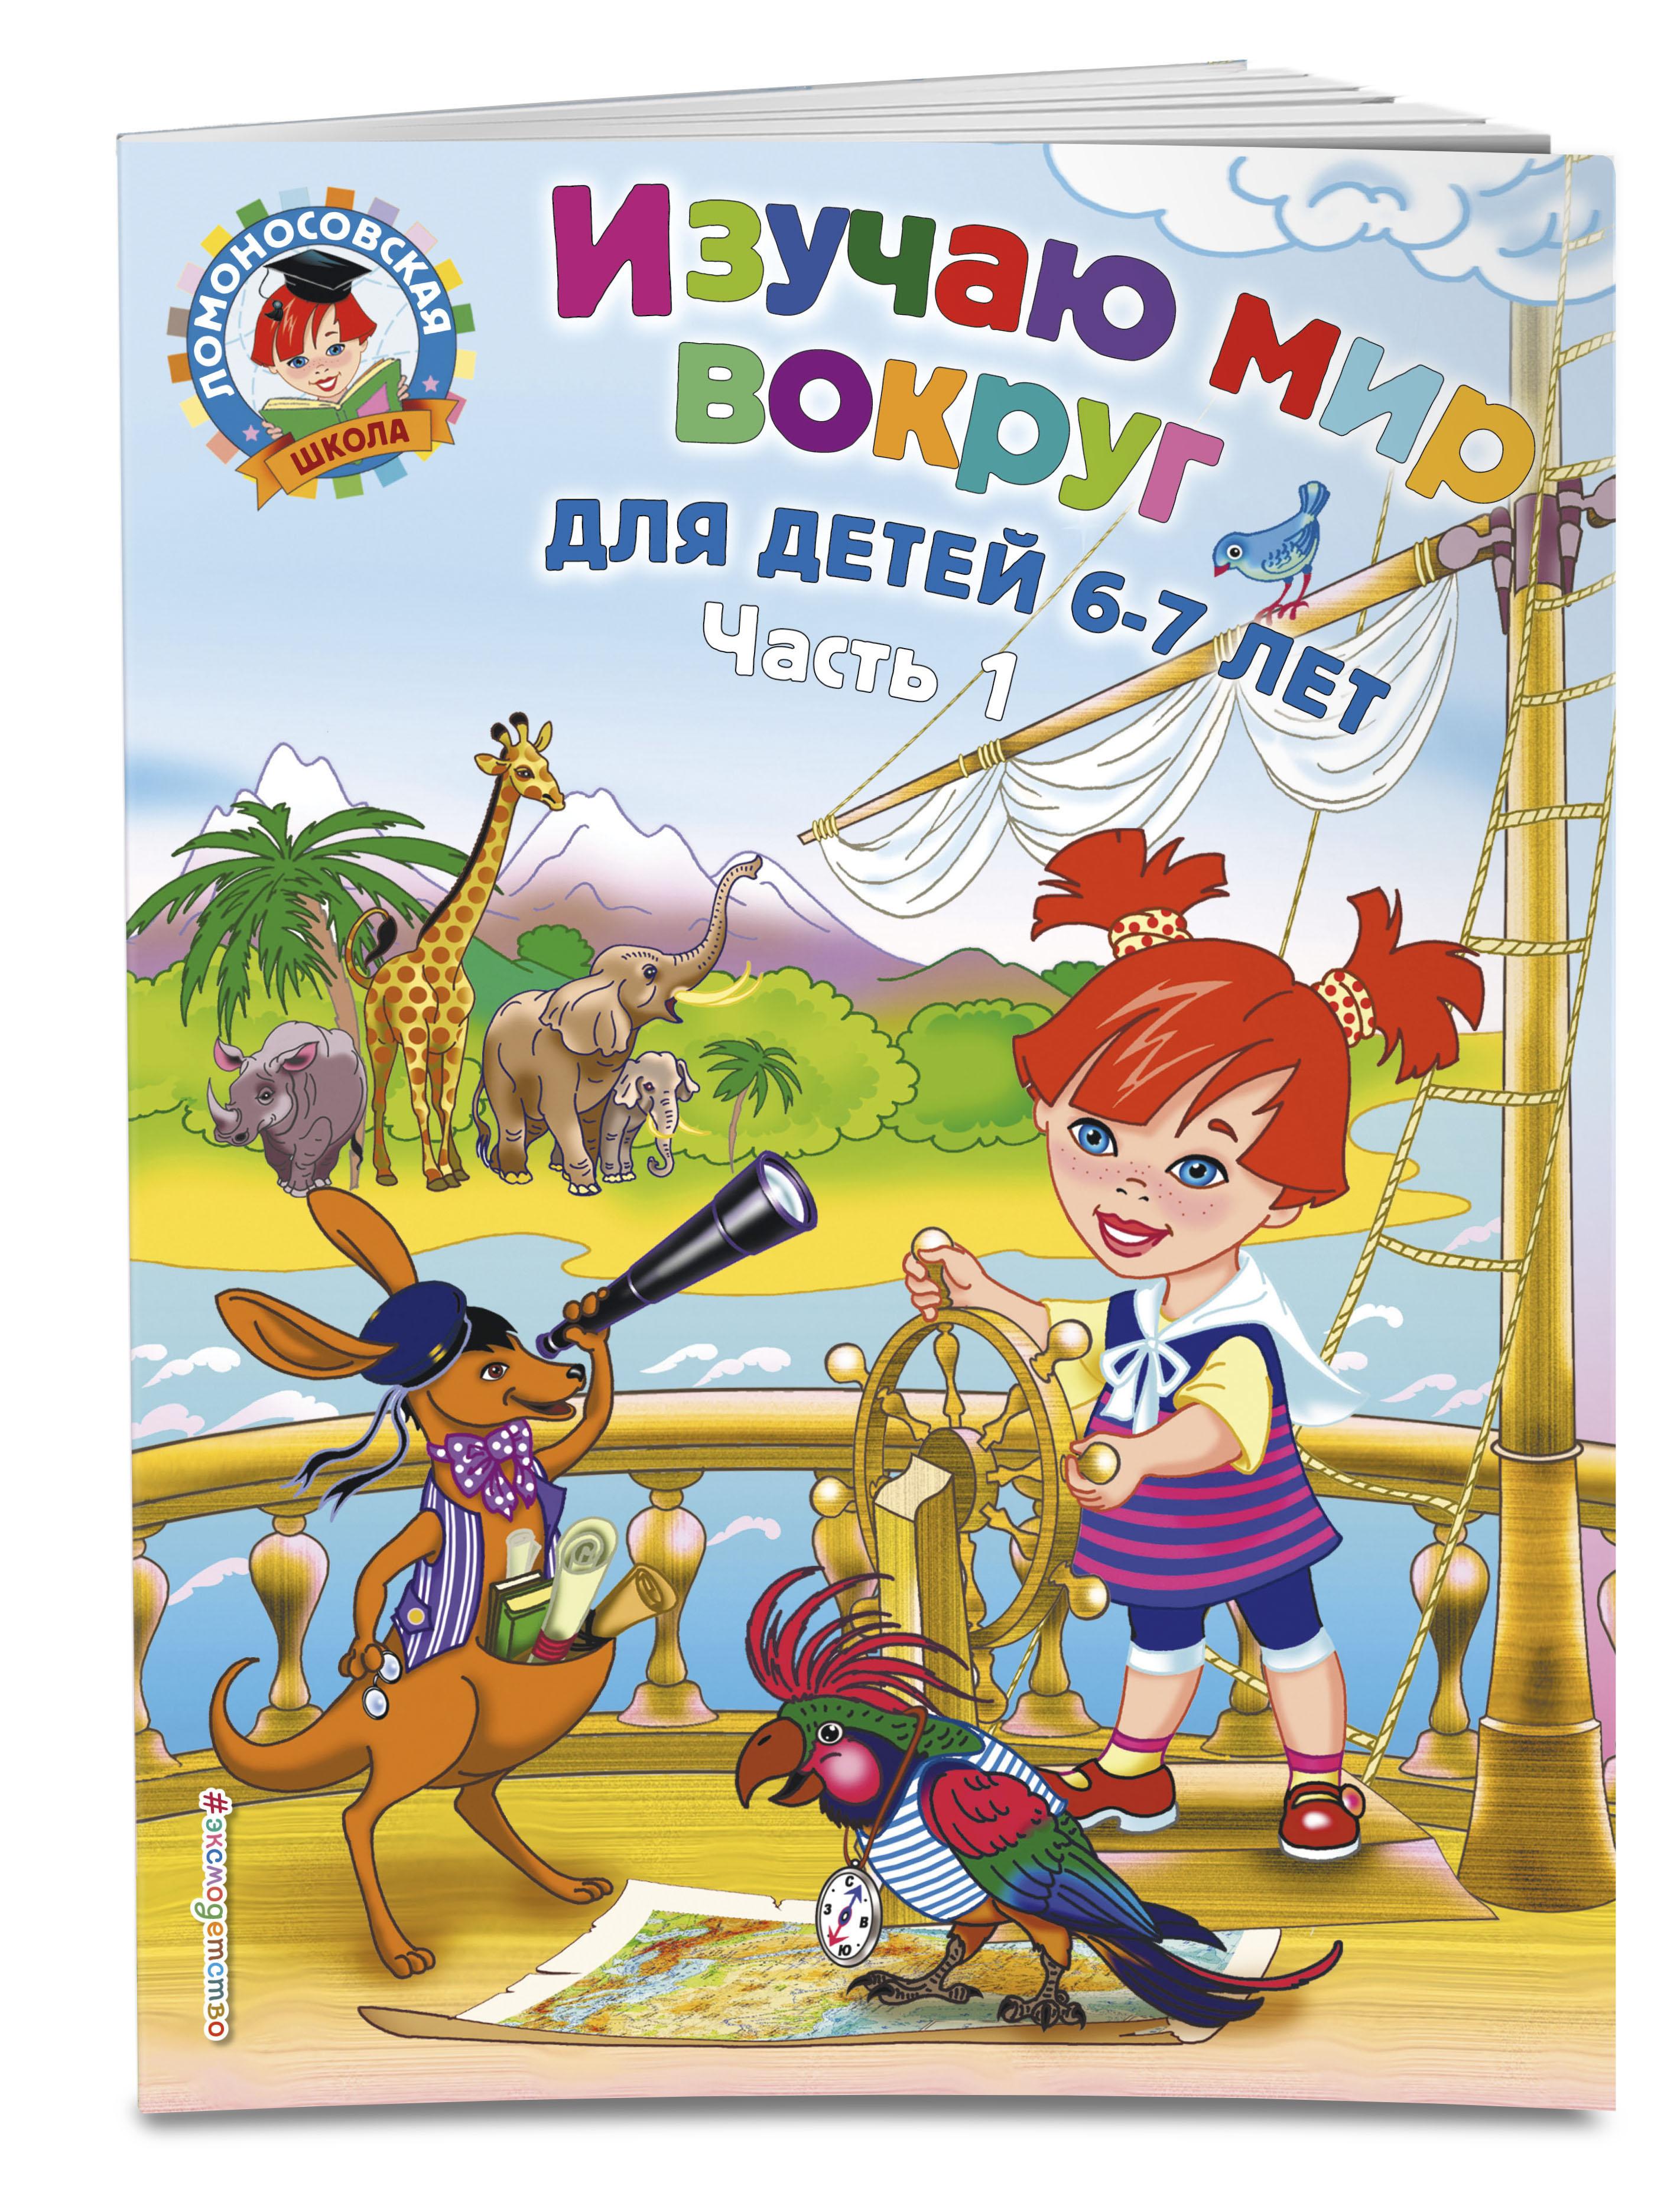 Липская Н.М. Изучаю мир вокруг: для детей 6-7 лет. Ч. 1 изучаю мир вокруг для детей 6 7 лет